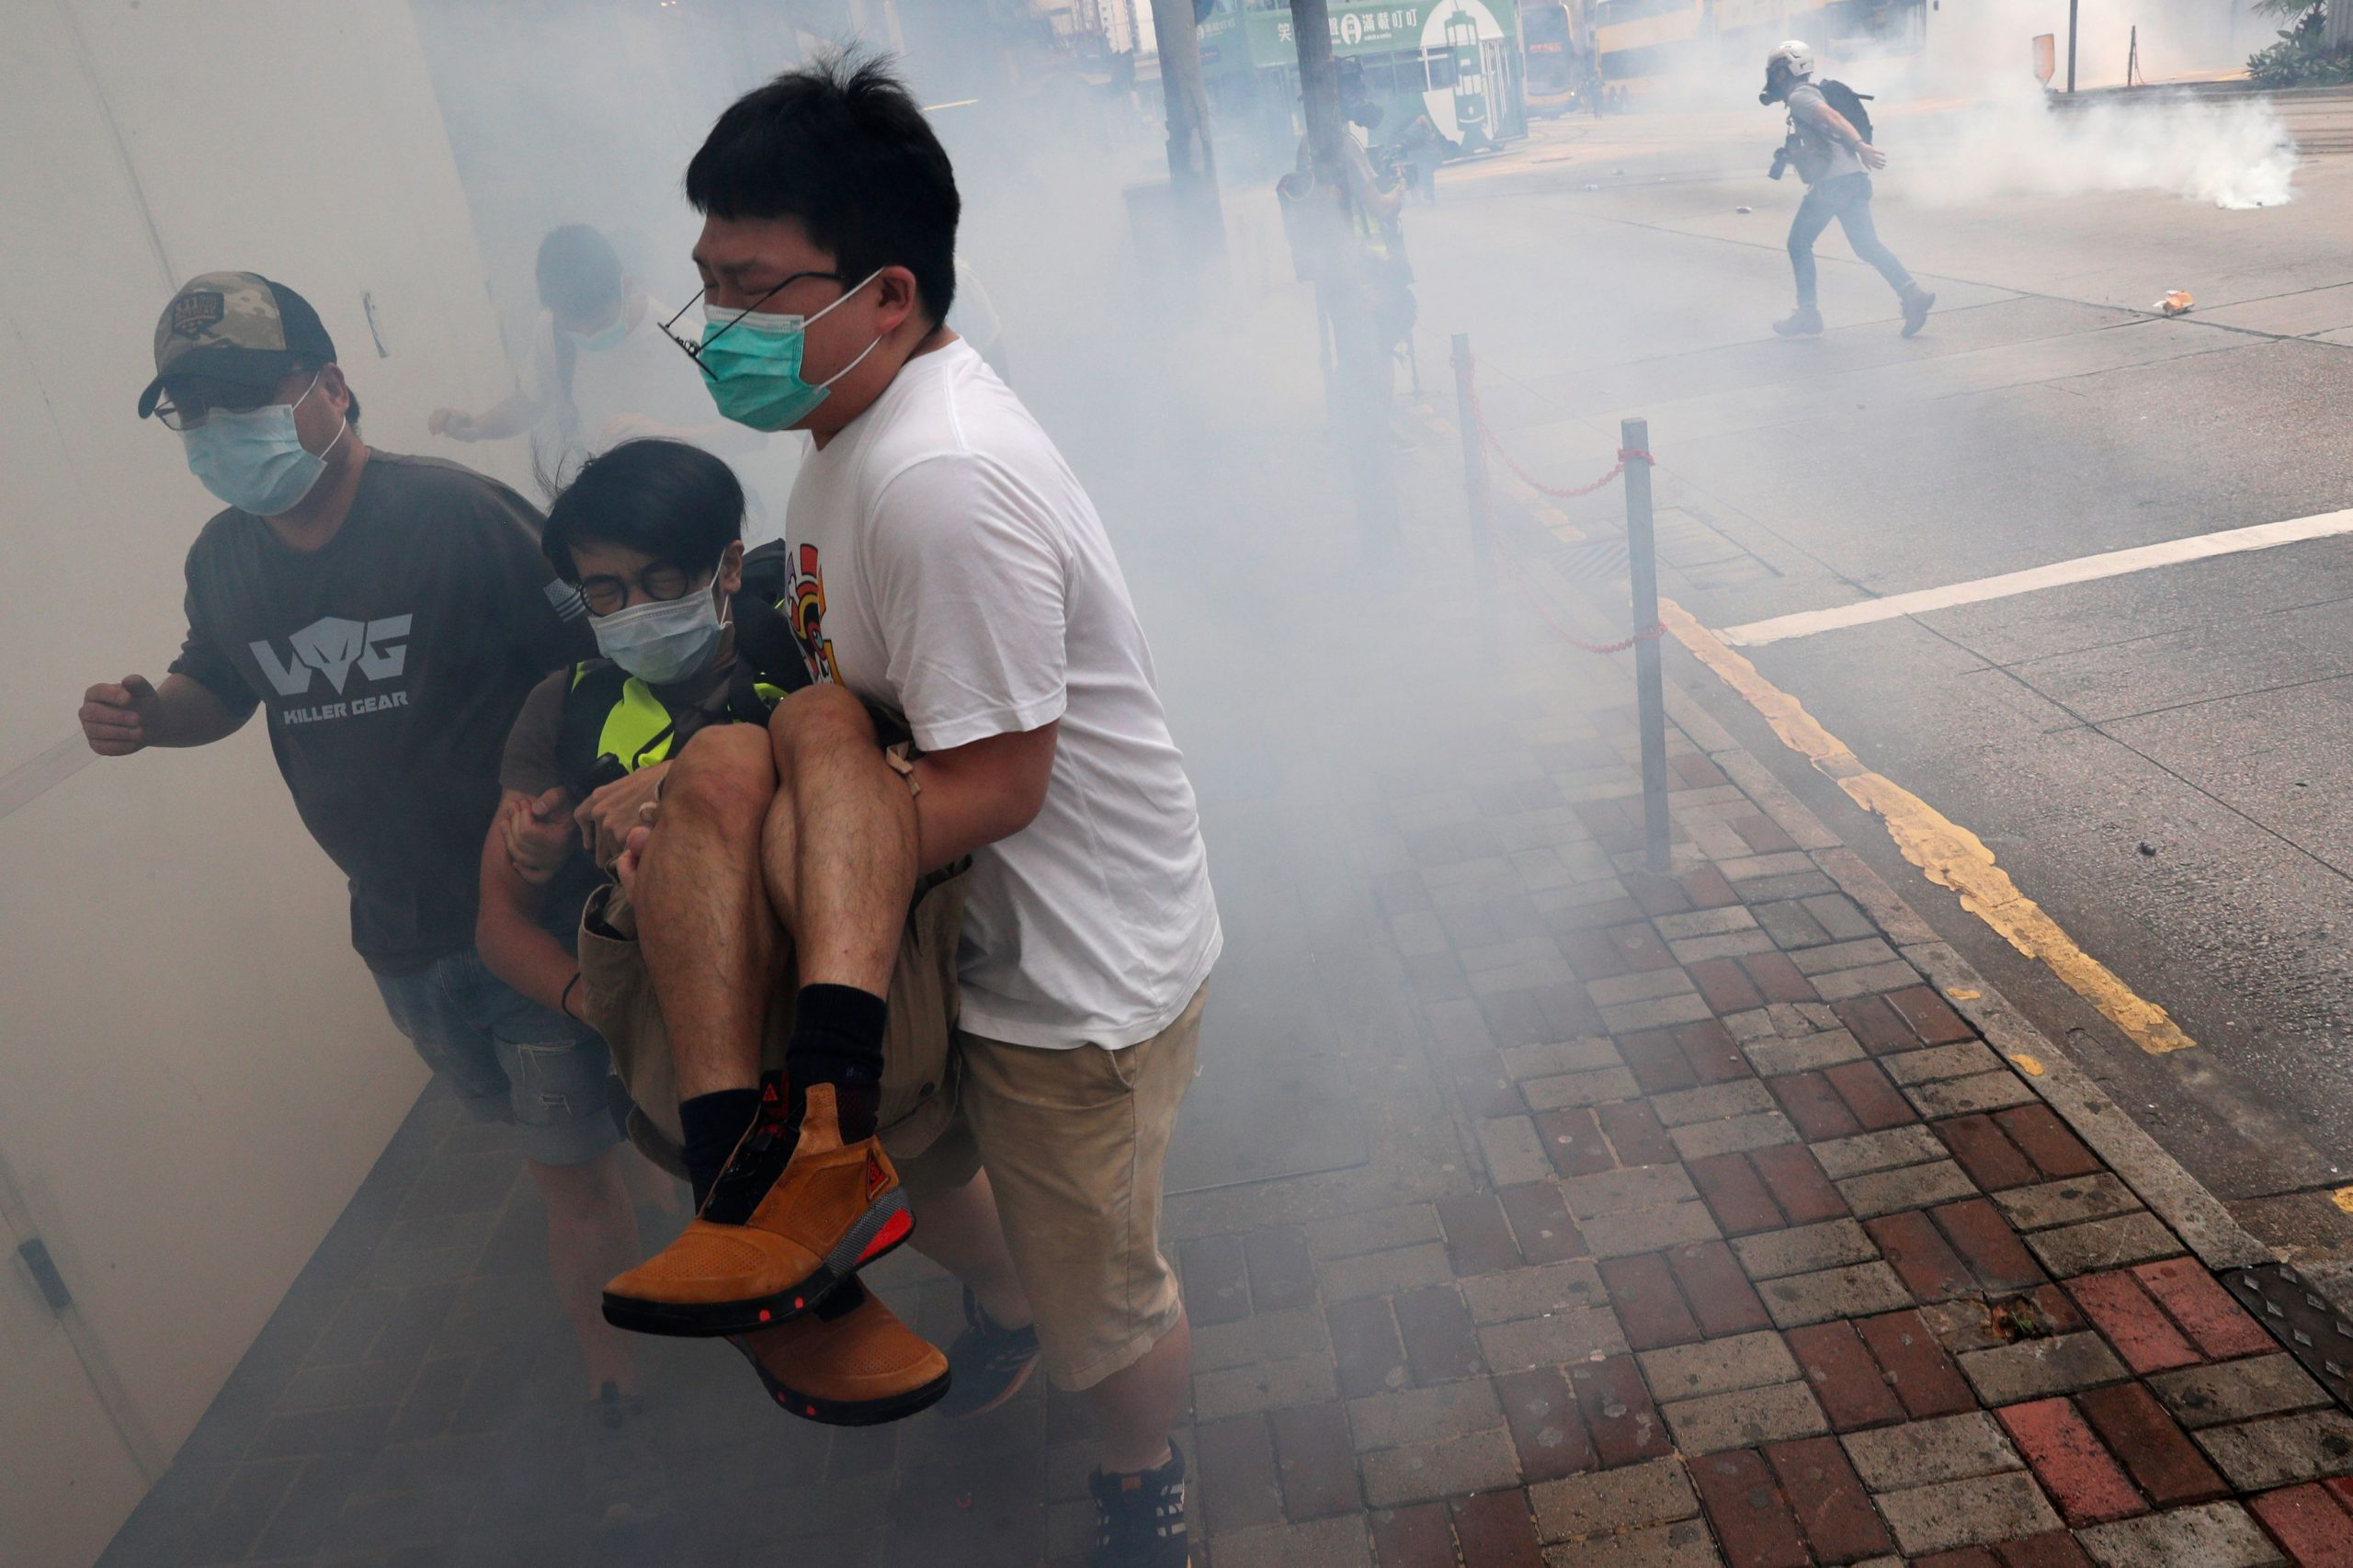 Hong Kong / REUTERS